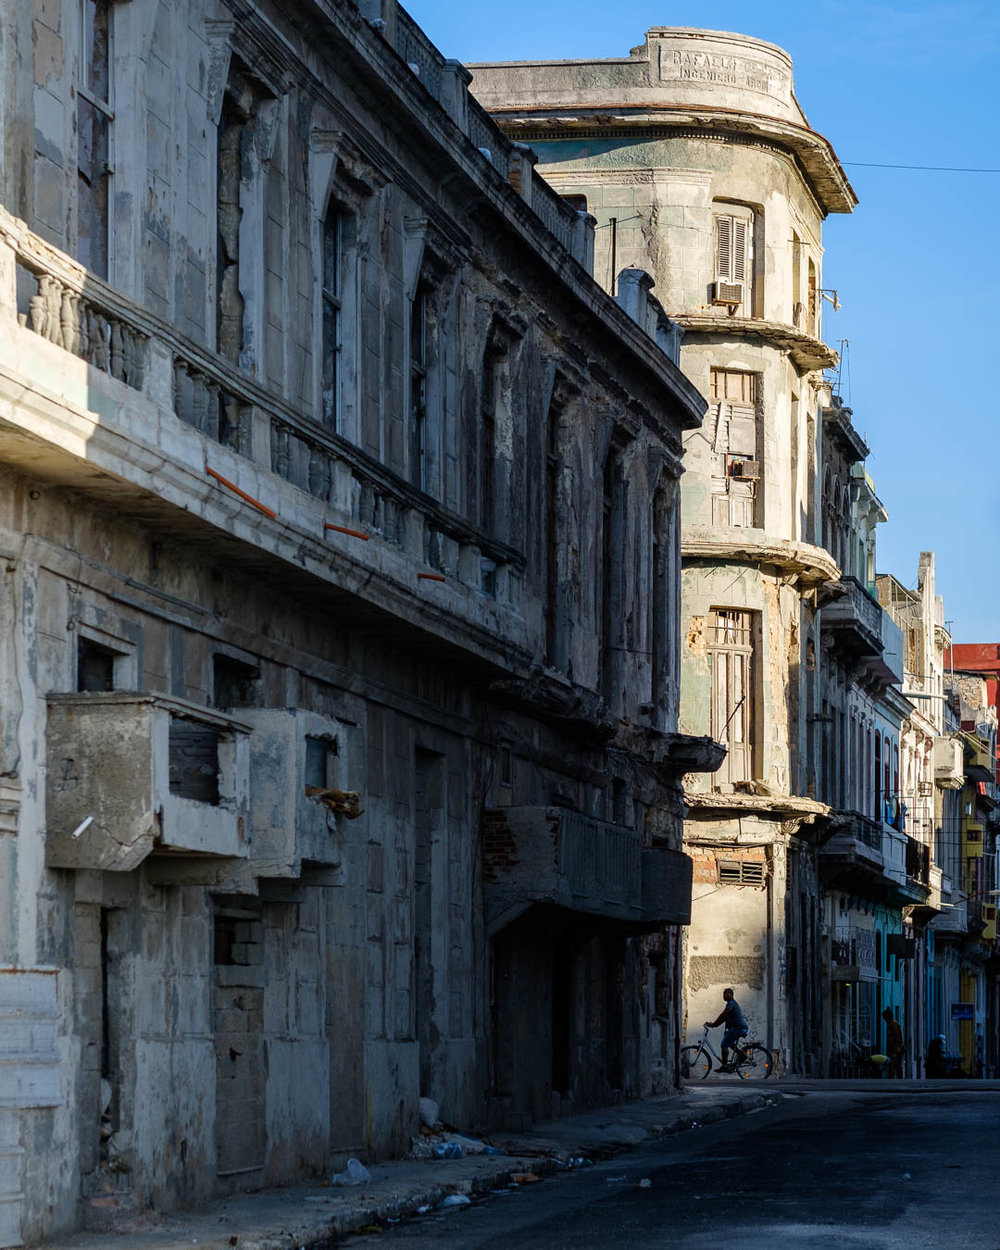 180501-Havana-386-1080.jpg